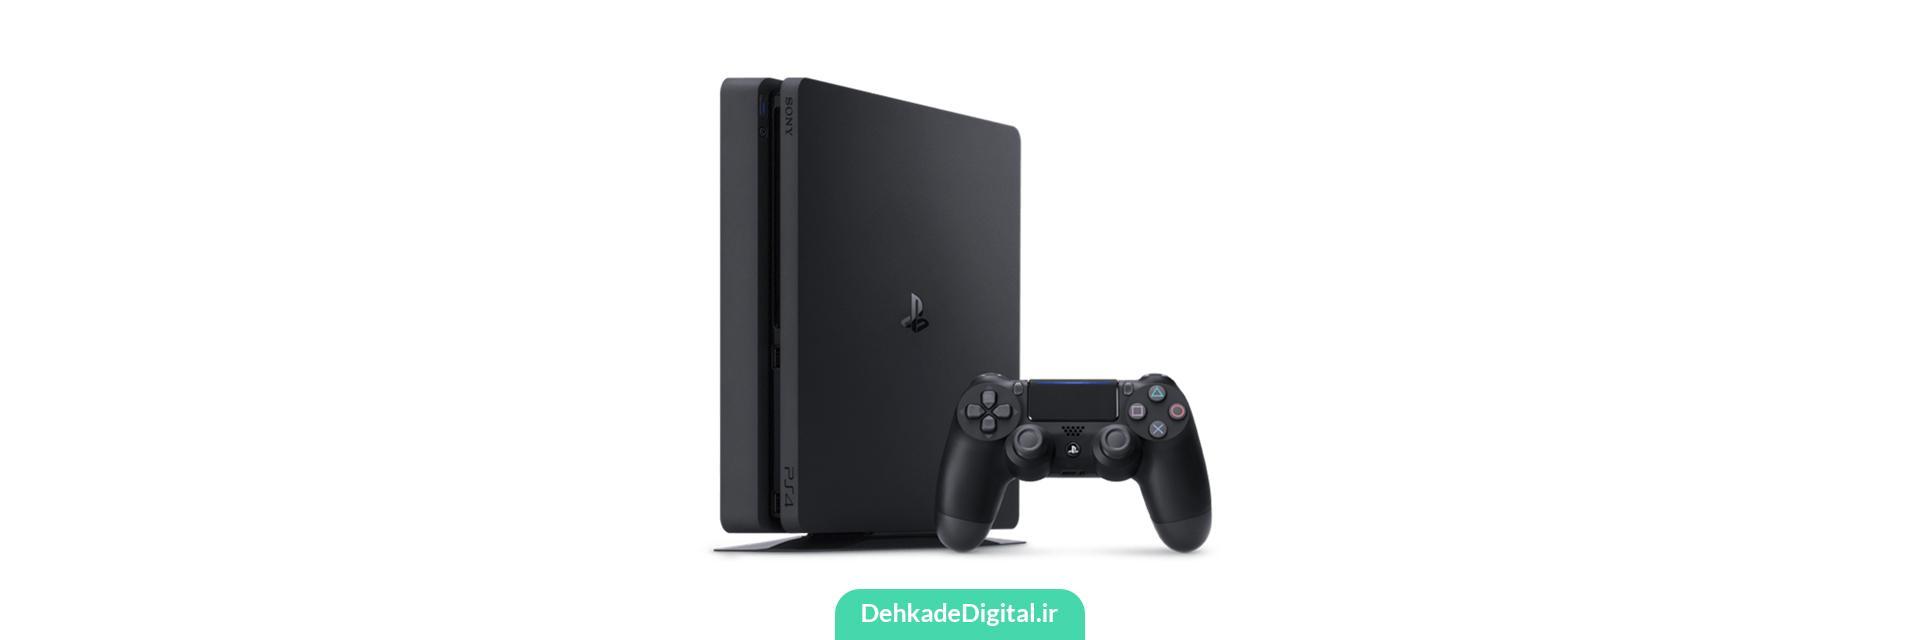 سیر تکامل پلی استیشن Playstation4